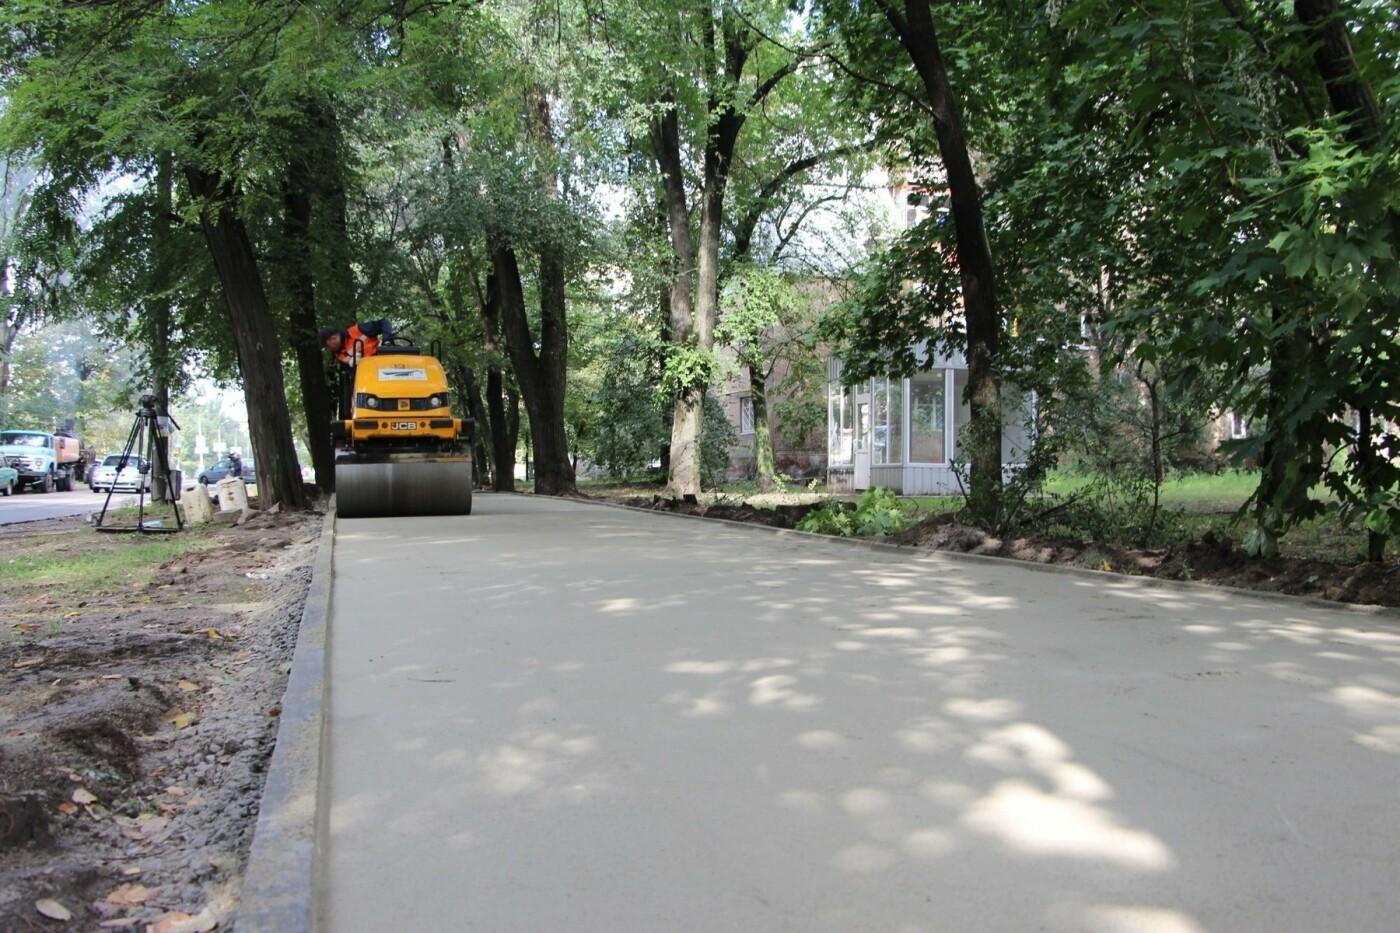 В Запорожье ремонтируют тротуары в районе проспекта Металлургов, - ФОТО, фото-4